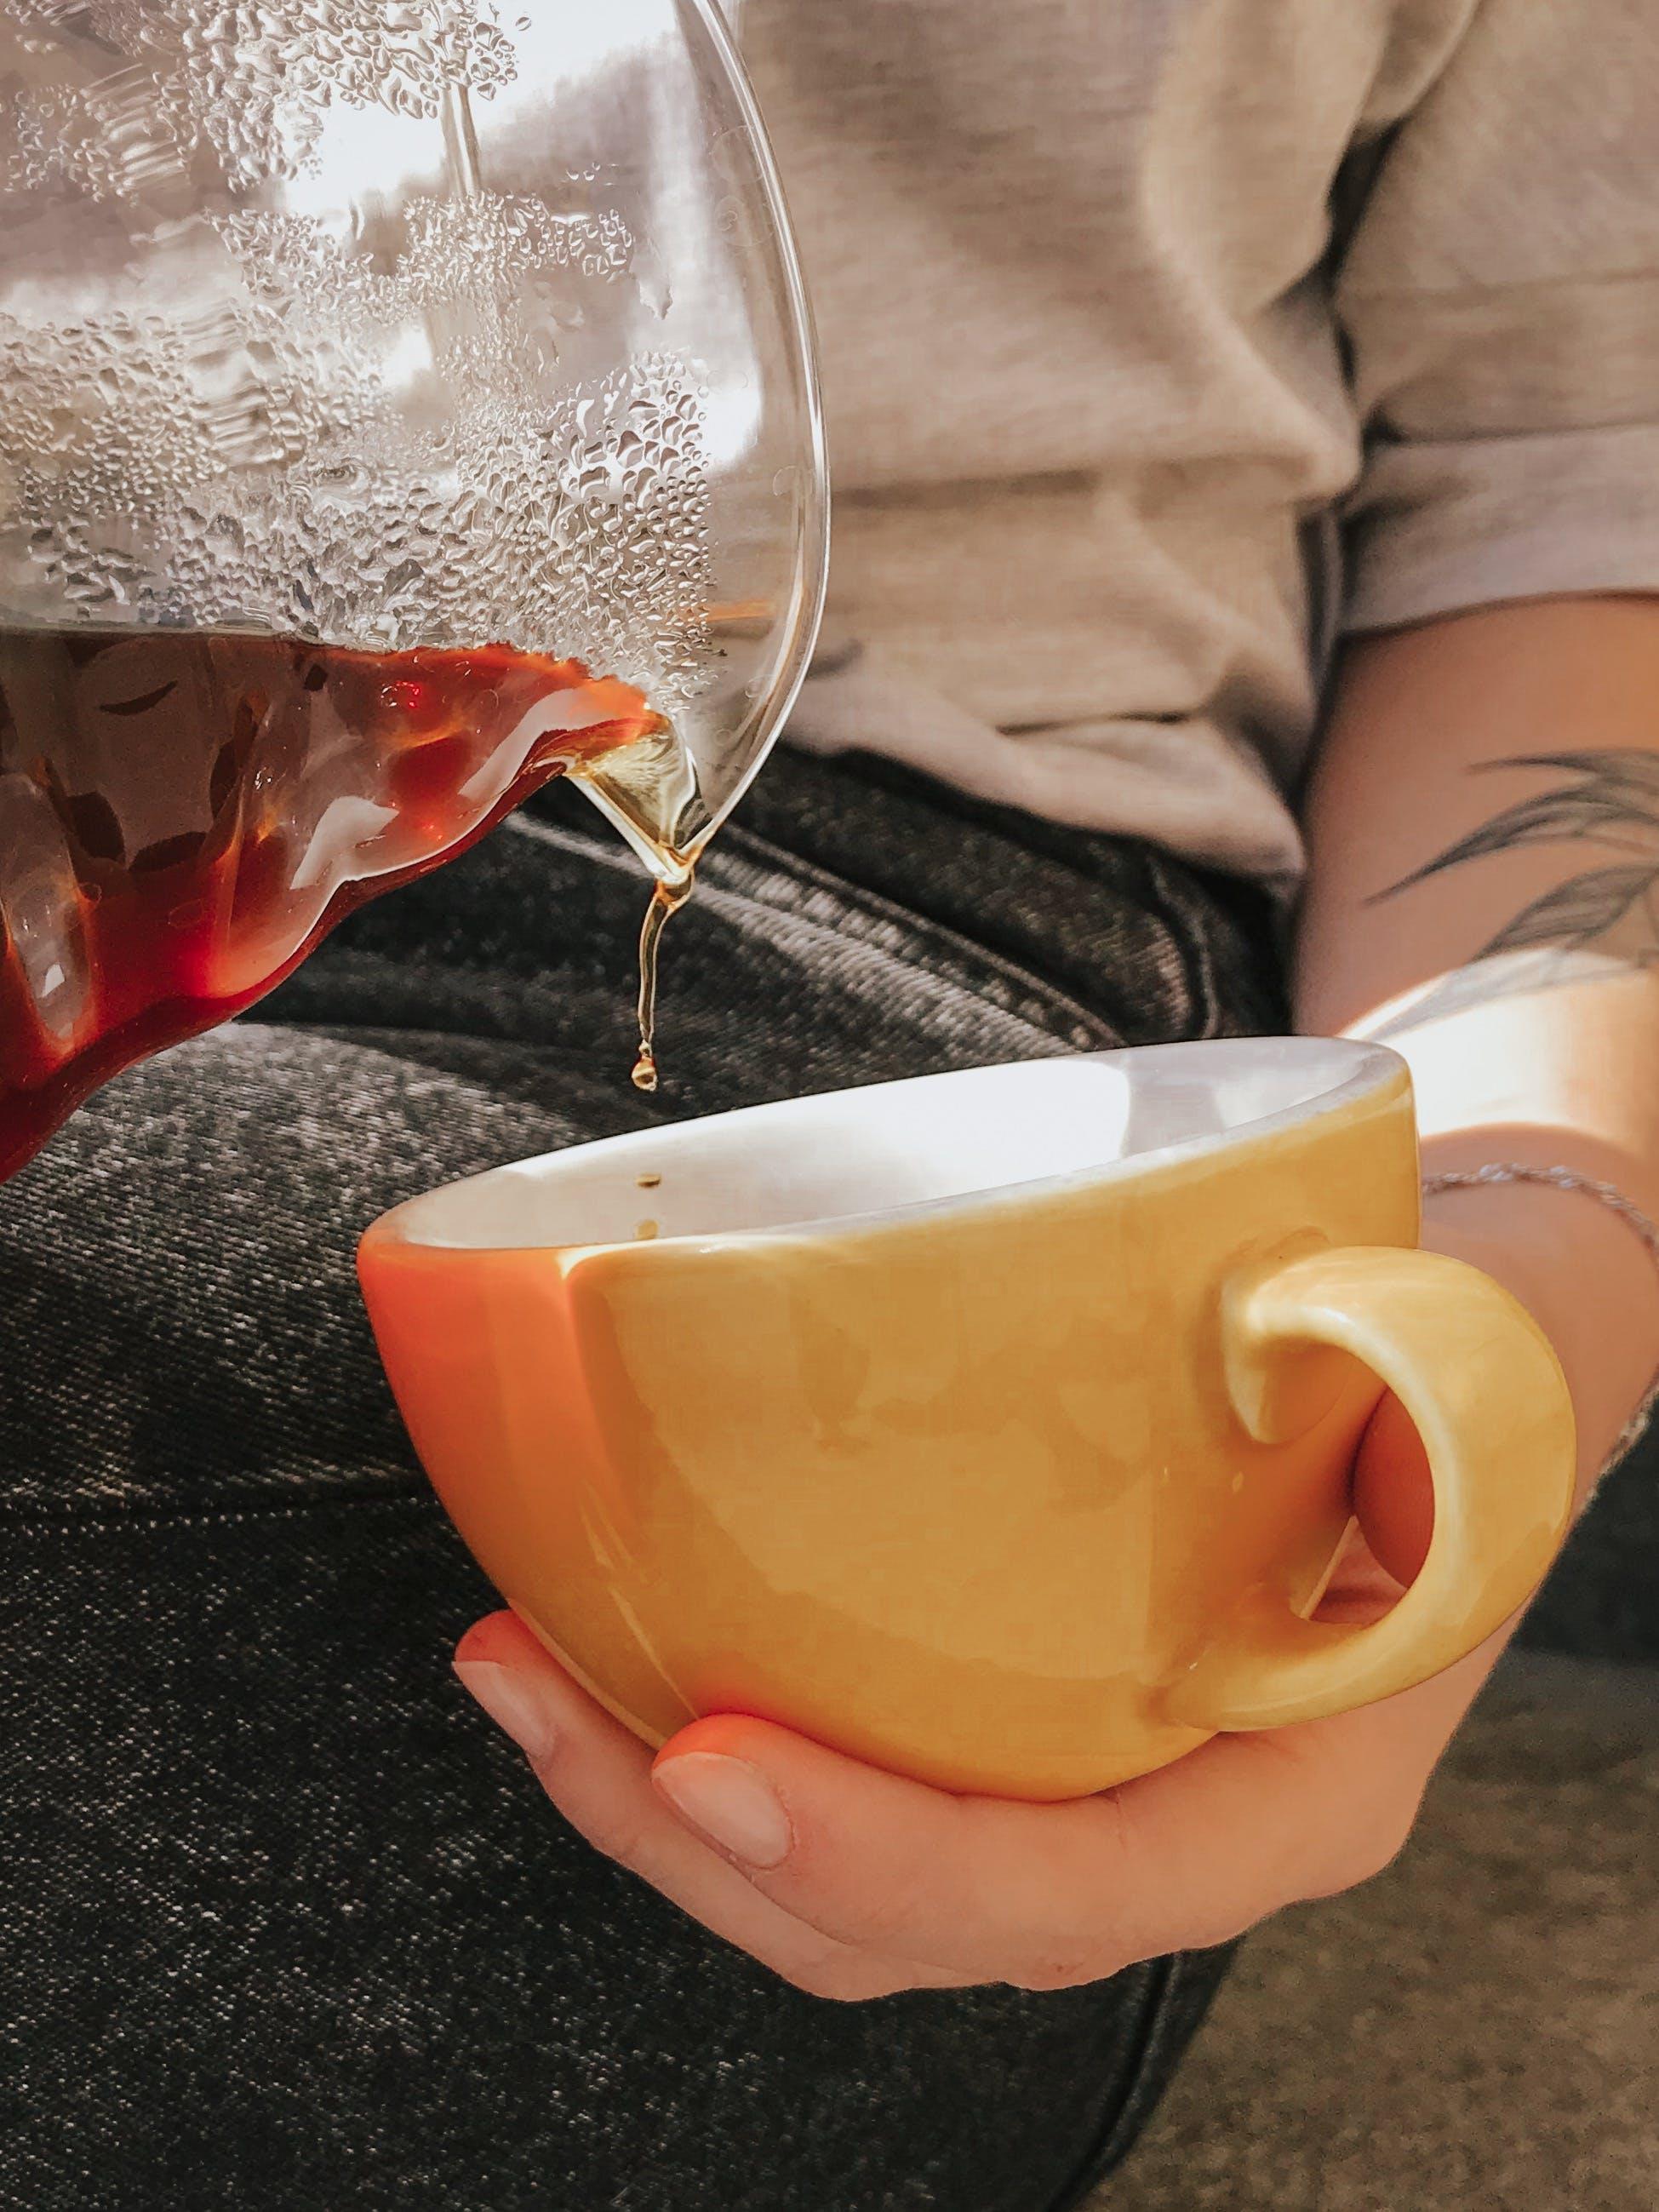 คลังภาพถ่ายฟรี ของ การเท, กาแฟ, กาแฟในถ้วย, ของว่าง